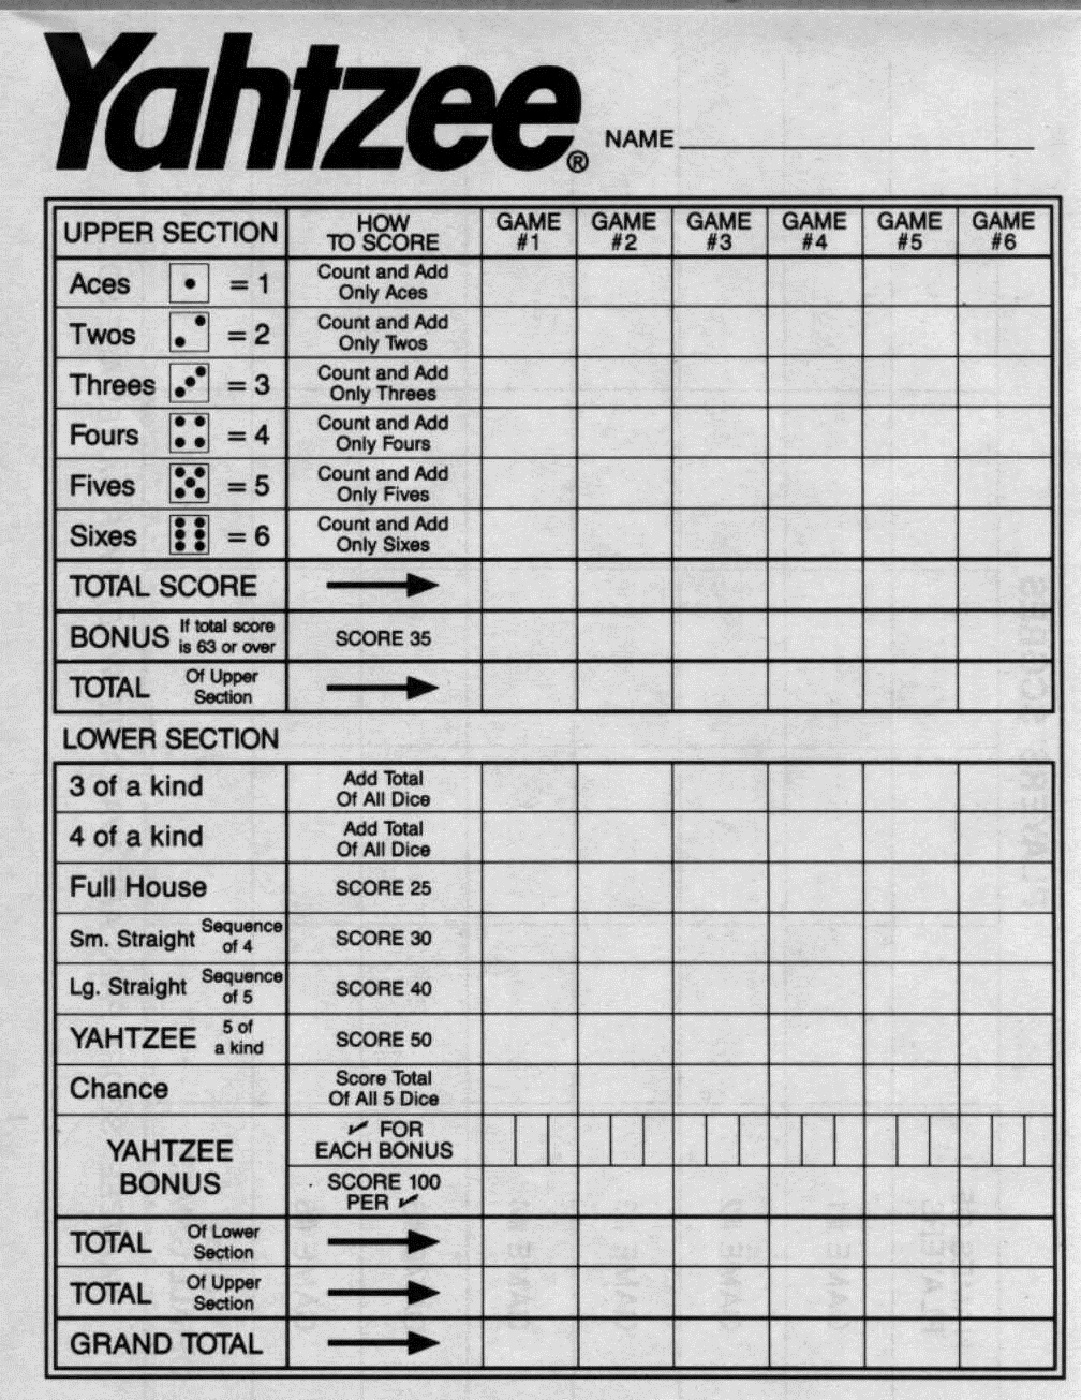 Yahtzee Score Sheets Printable